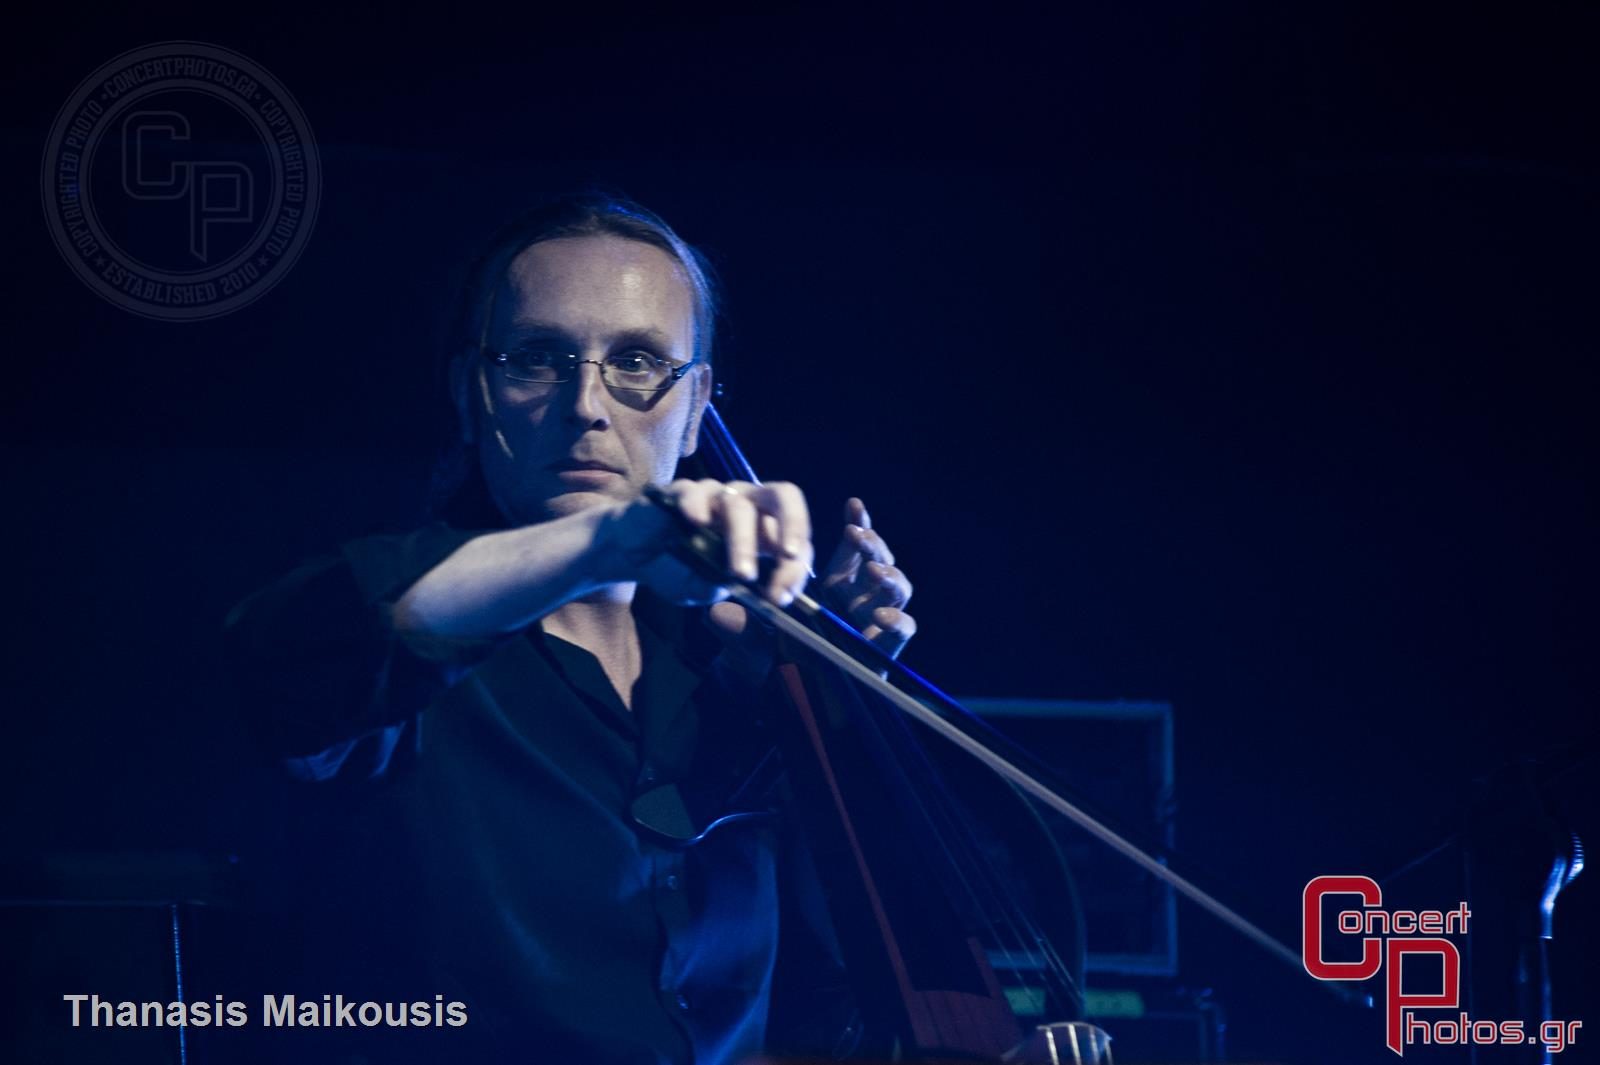 Γιάννης Χαρούλης-Charoulis Votanikos 2014 photographer: Thanasis Maikousis - concertphotos_-9393